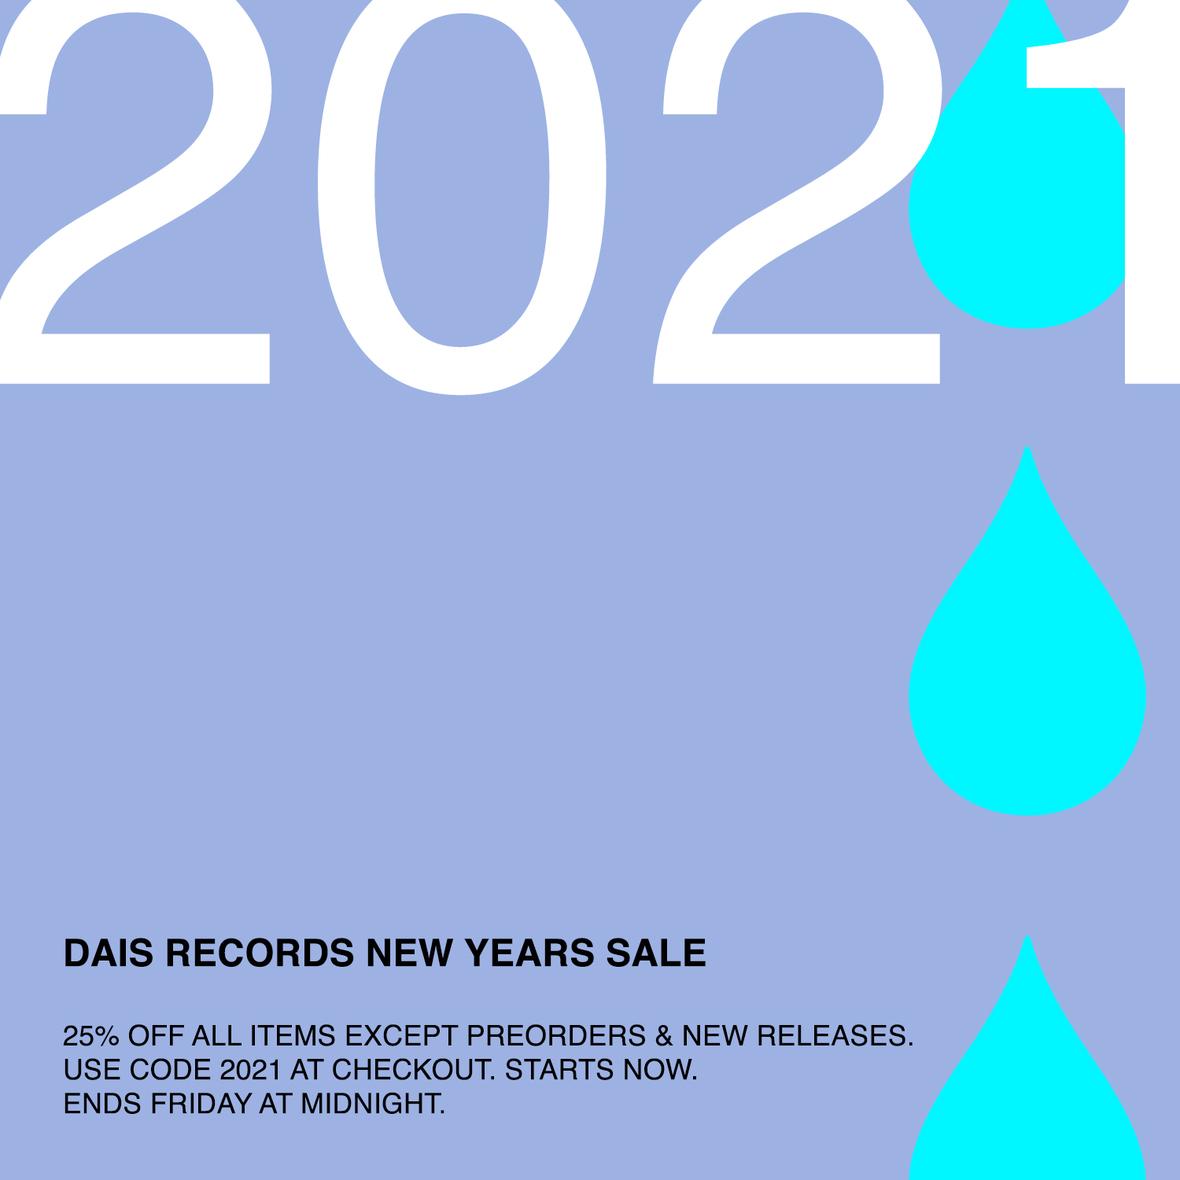 2021 NEW YEARS